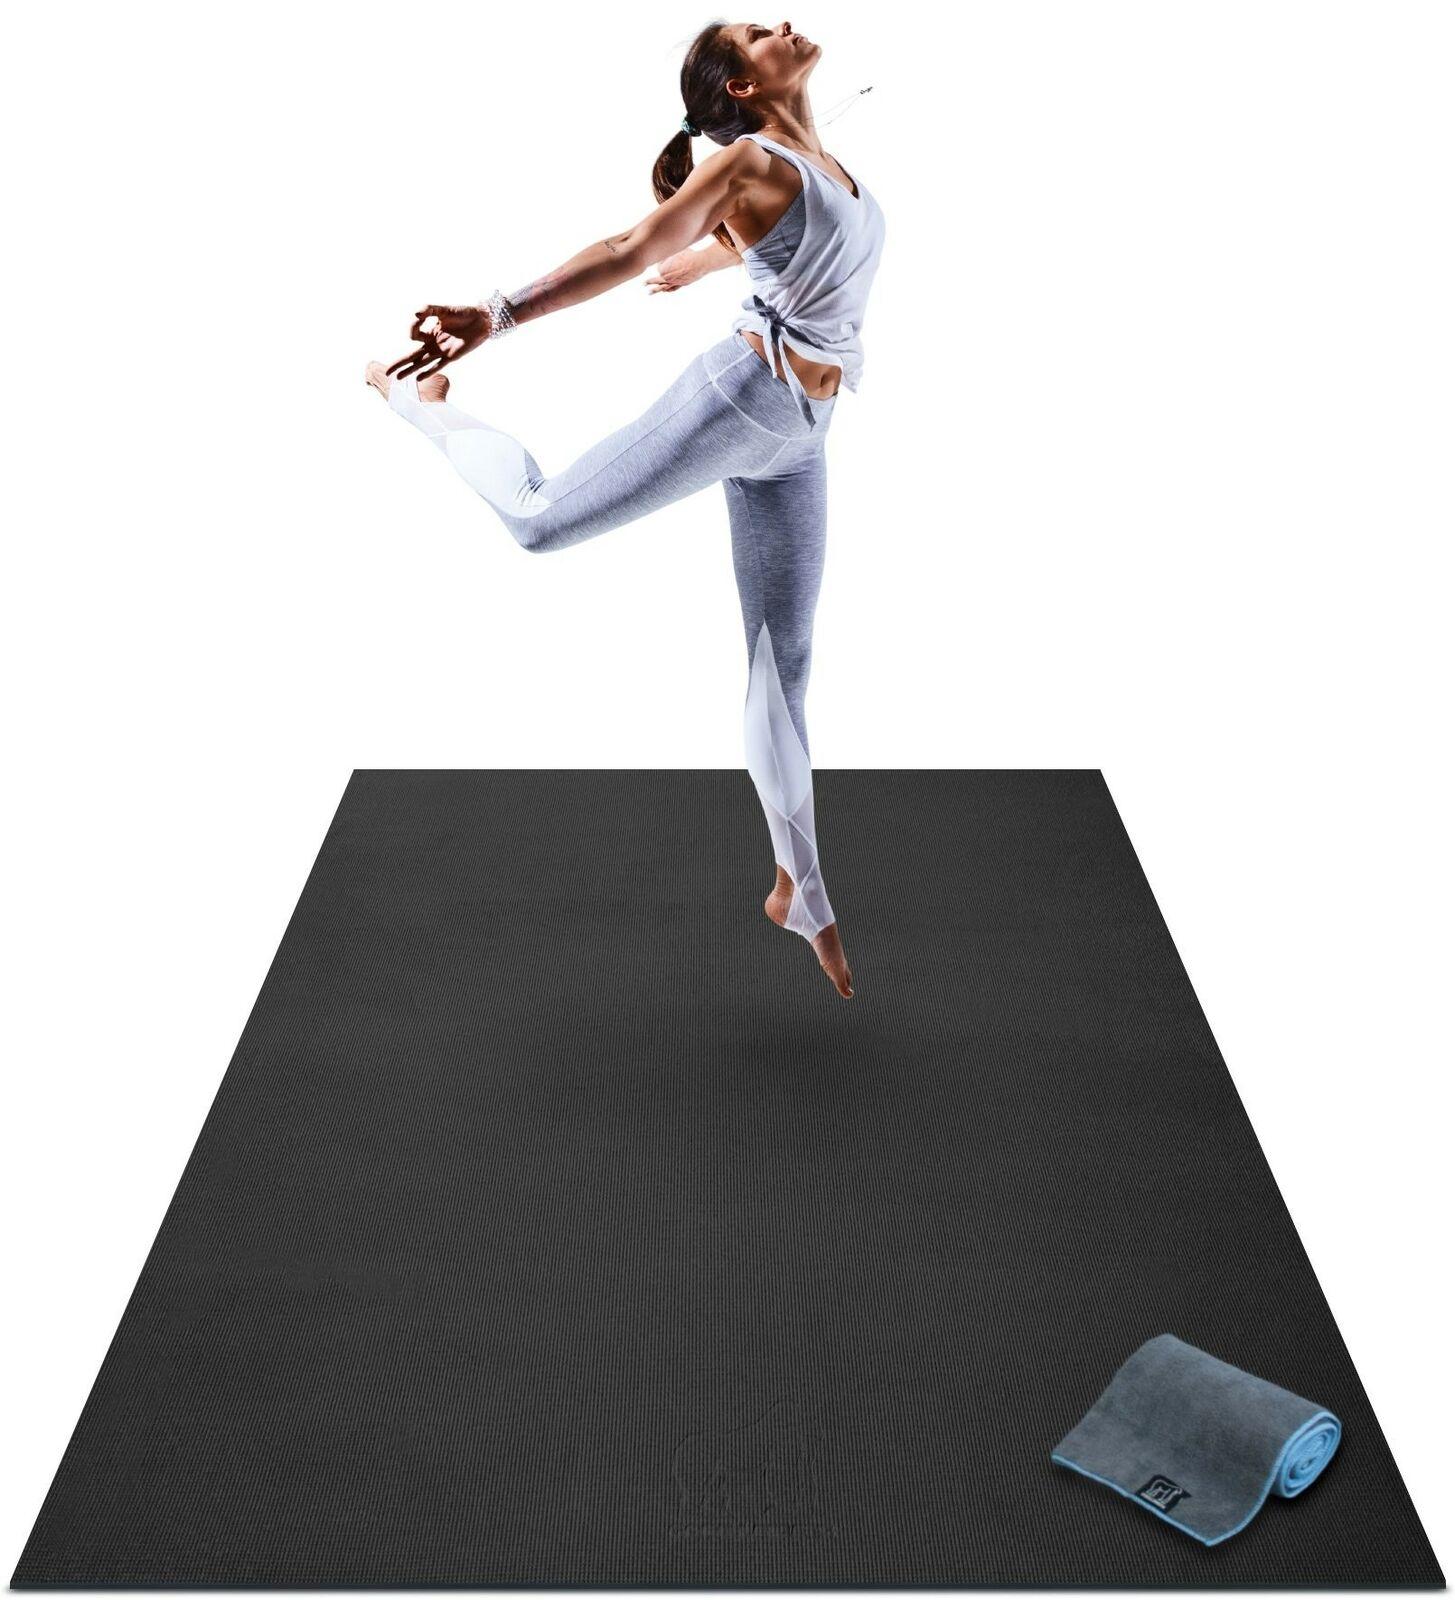 Premium Extra Large Tapis de Yoga - 6' x 4' X 8 mm extra épais & Confortable schwarz